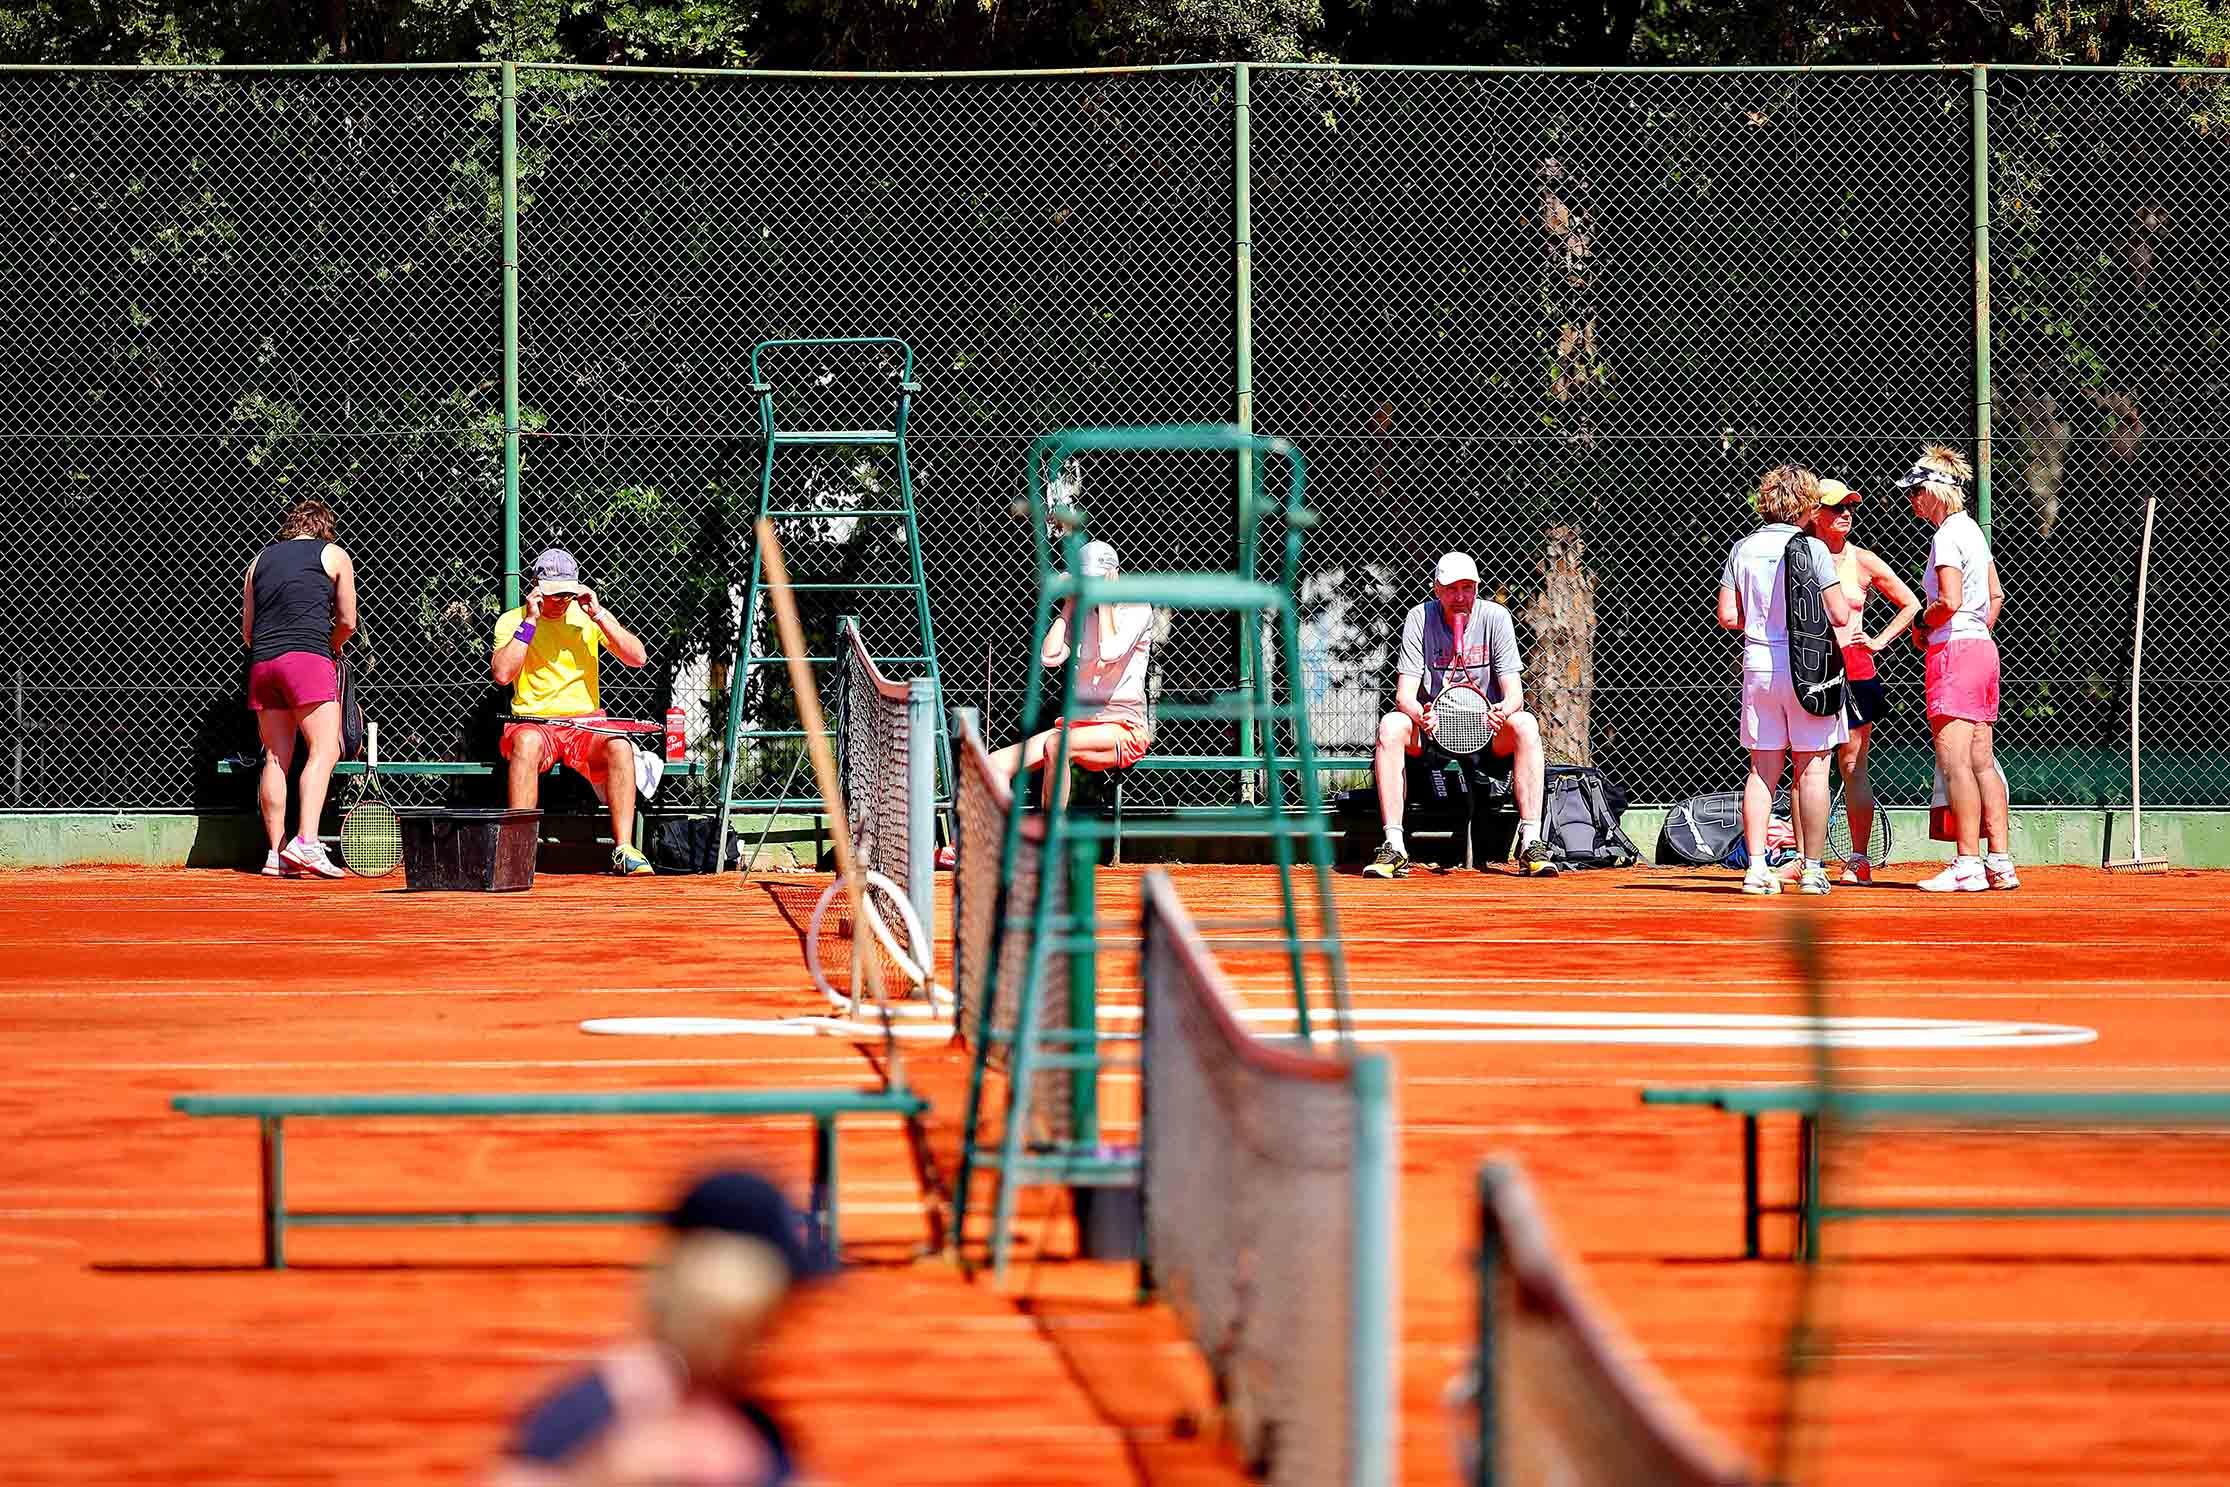 21 October - 29 October Tennis & boat show    Biograd, Zadar Region